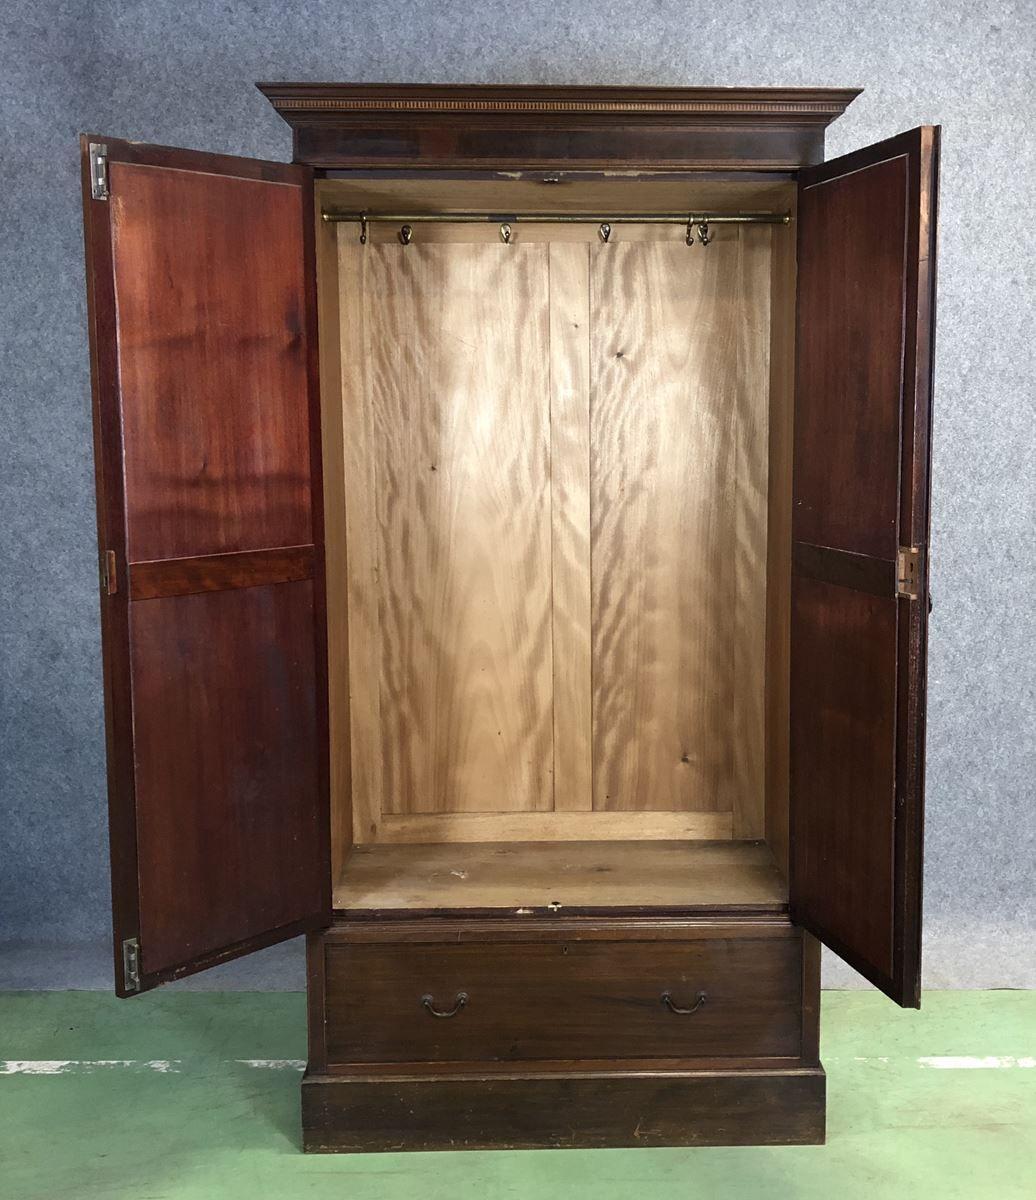 armoire penderie d but xx me en acajou luckyfind. Black Bedroom Furniture Sets. Home Design Ideas